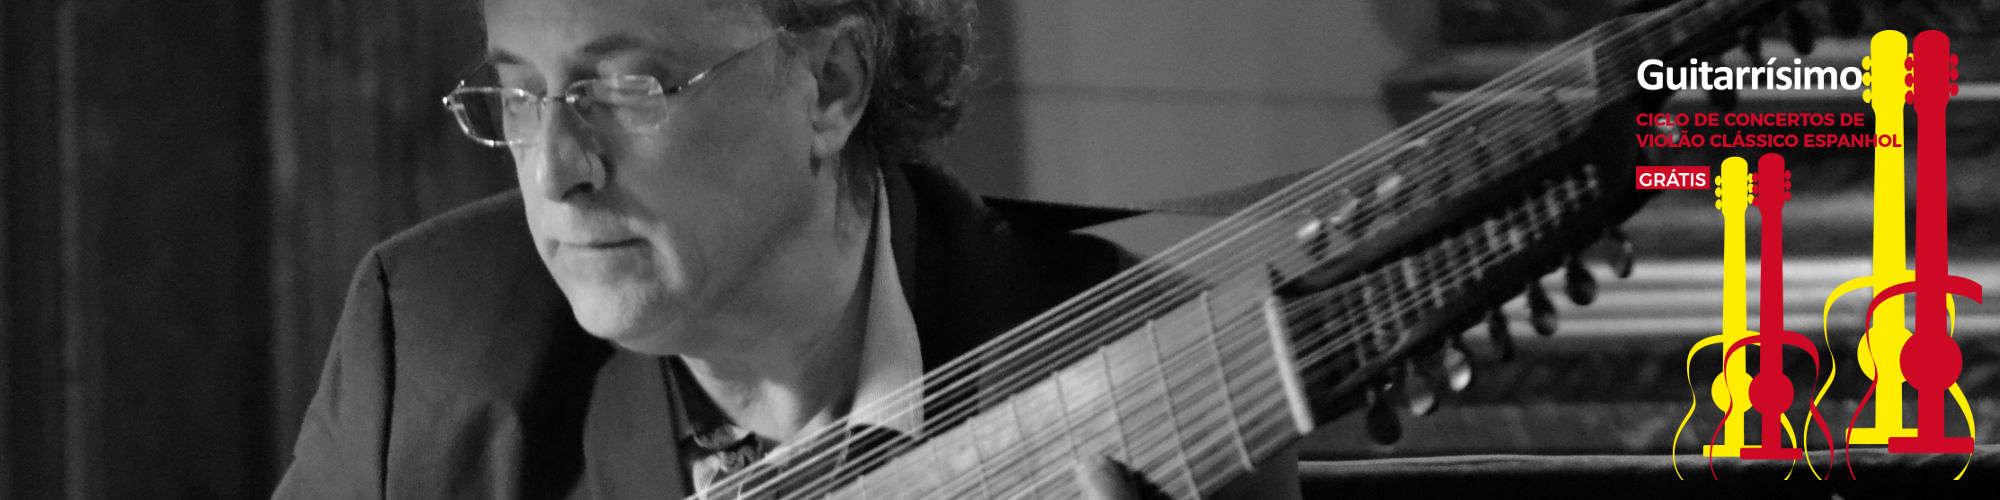 José Miguel Moreno abre ciclo Guitarrísimo; em concerto grátis, músico se dedica ao violão espanhol